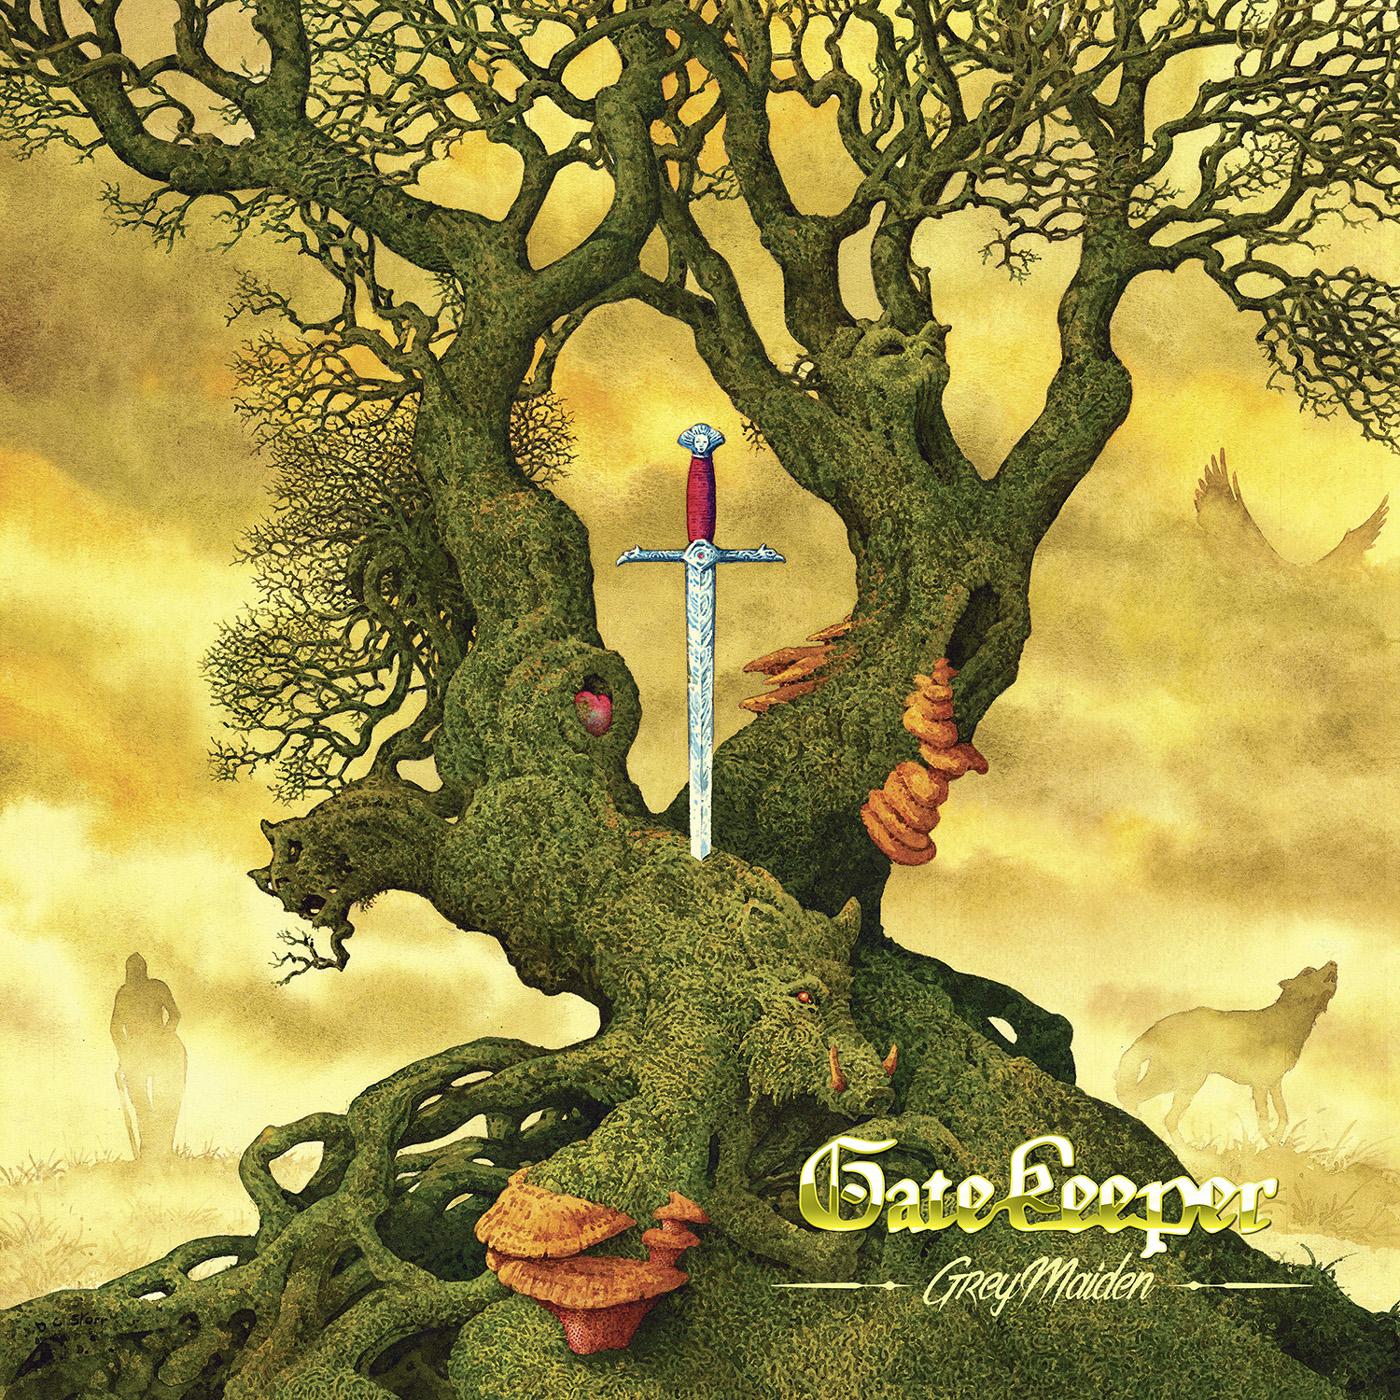 gatekeeper-grey-maiden-neue-4-track-ep-zur-tour-mit-sanhedrin-review